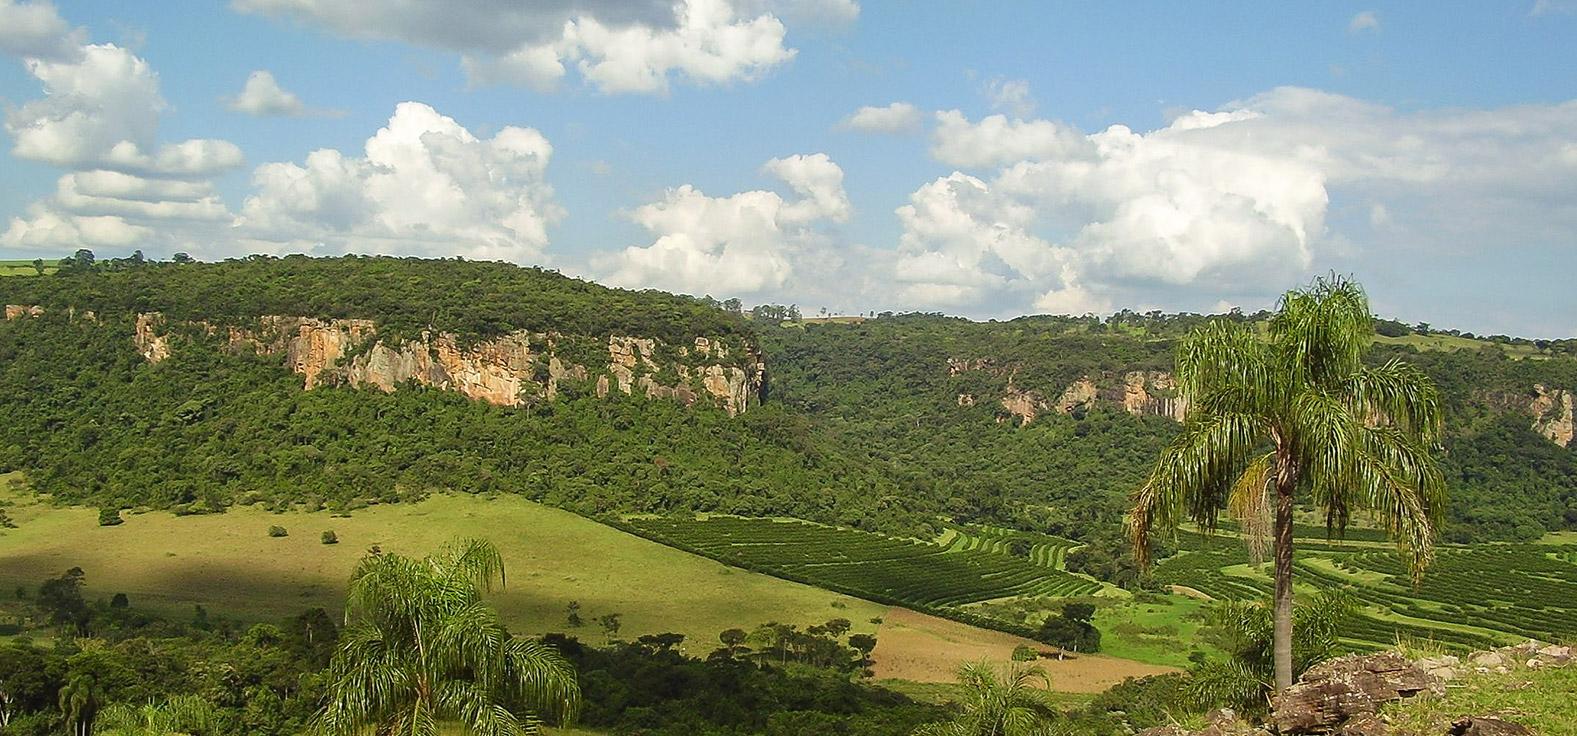 Canyon do Feijão em Analândia   Portal Serra do Itaquerí